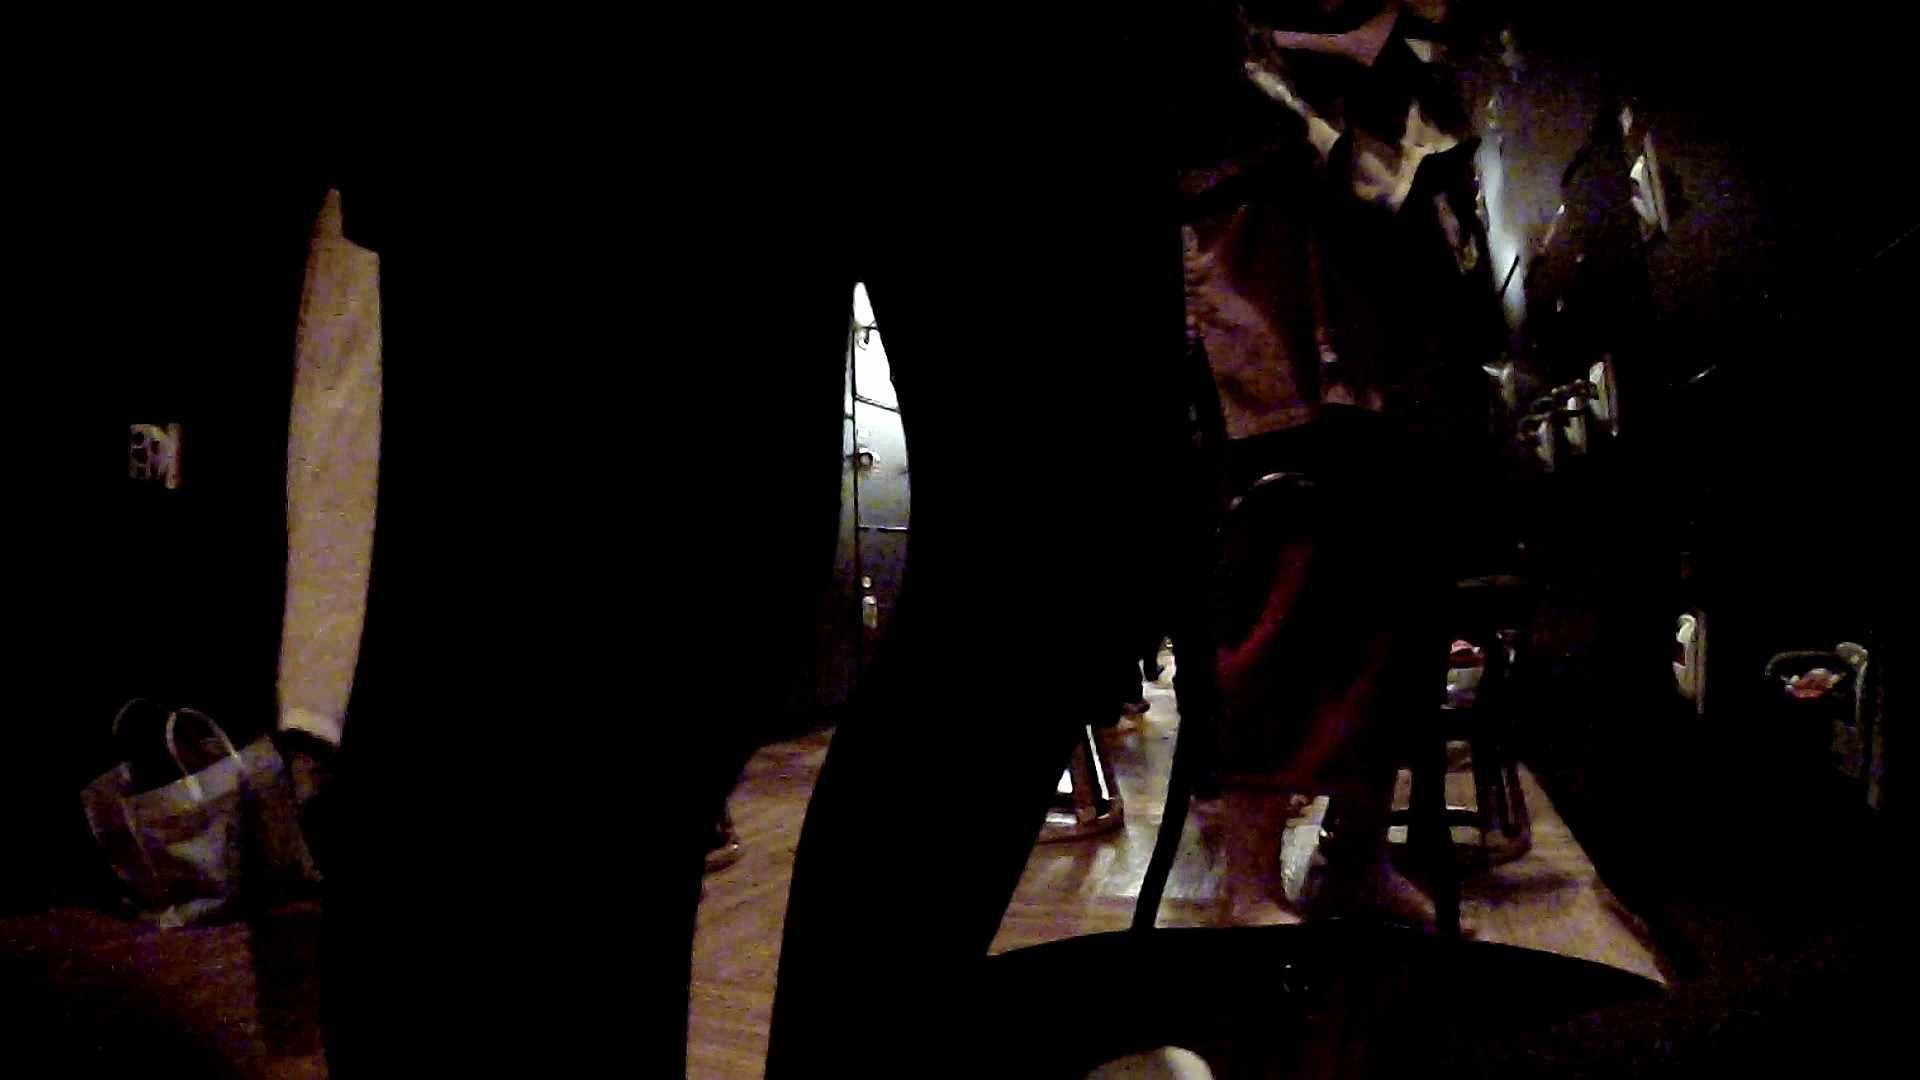 脱衣所!オムニバス 大混雑!注目はあの人の御御足でしょう。 脱衣所 盗撮戯れ無修正画像 25pic 14